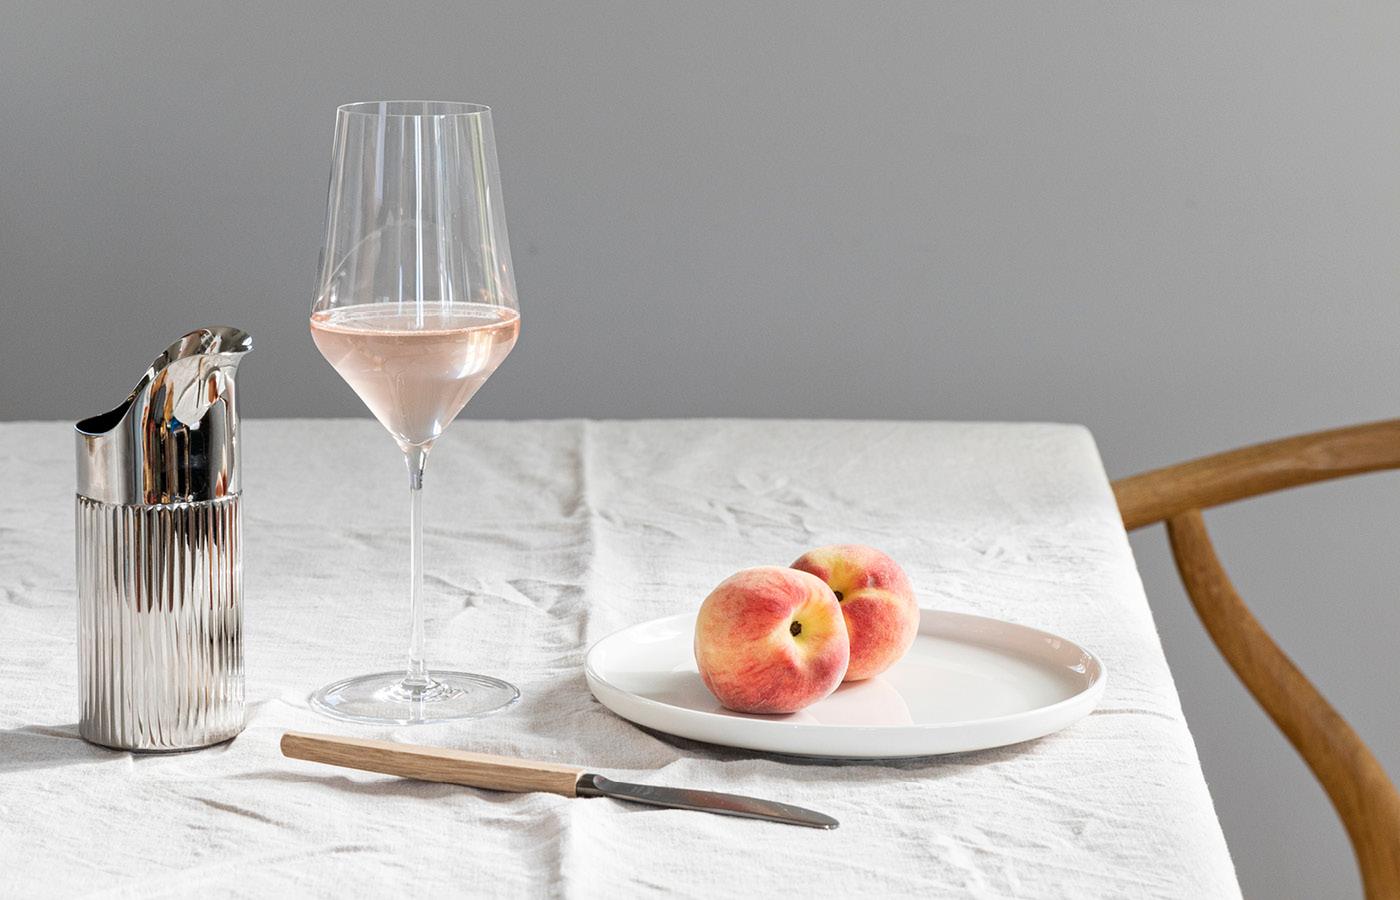 Zalto-vinglass-størst-på-zalto-100.jpg